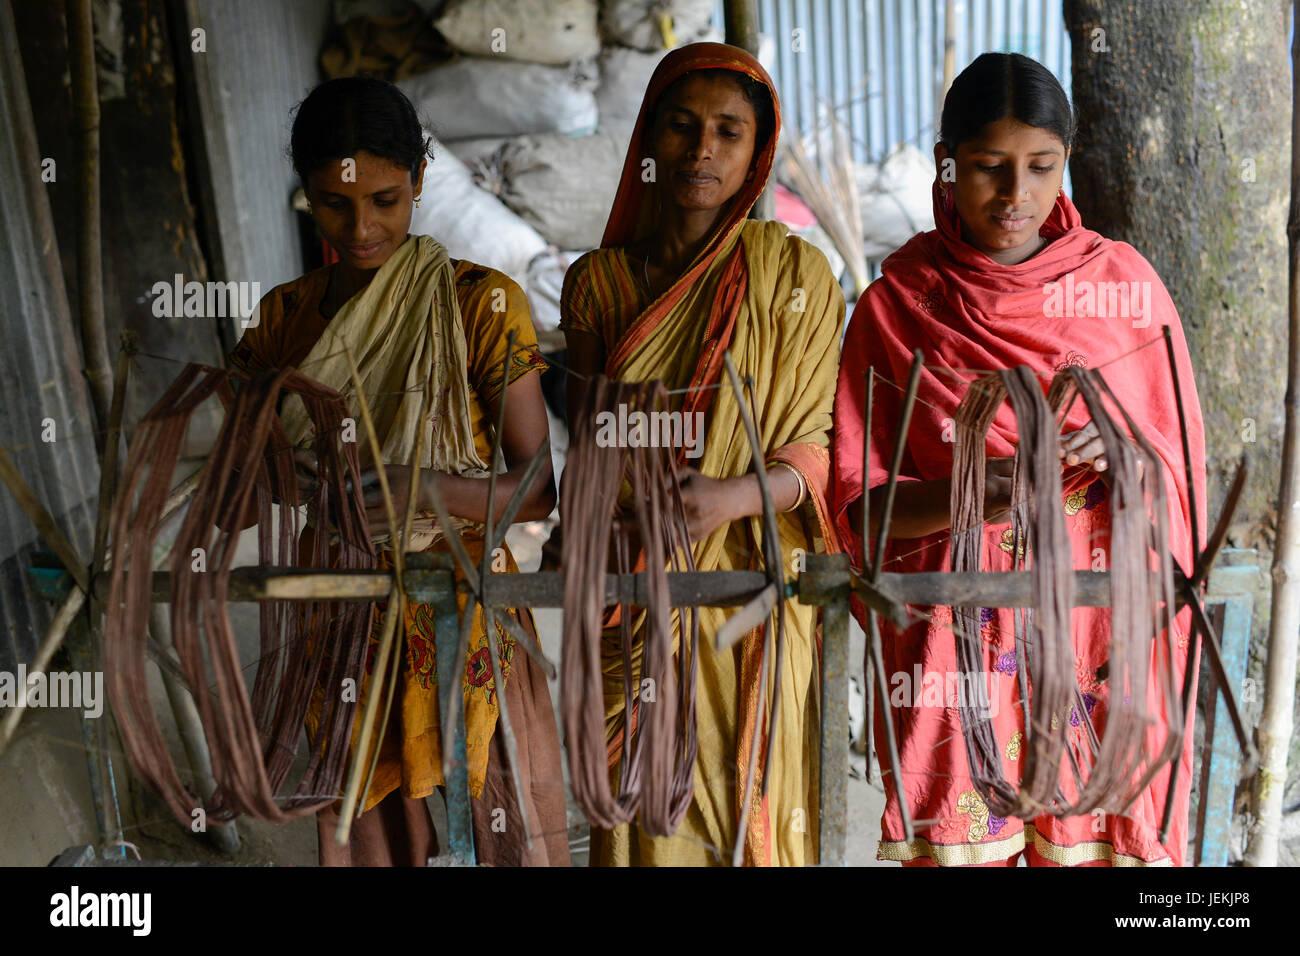 BANGLADESH, District Tangail, Kalihati, village Southpara, cottage industry, women working at spinning machine - Stock Image